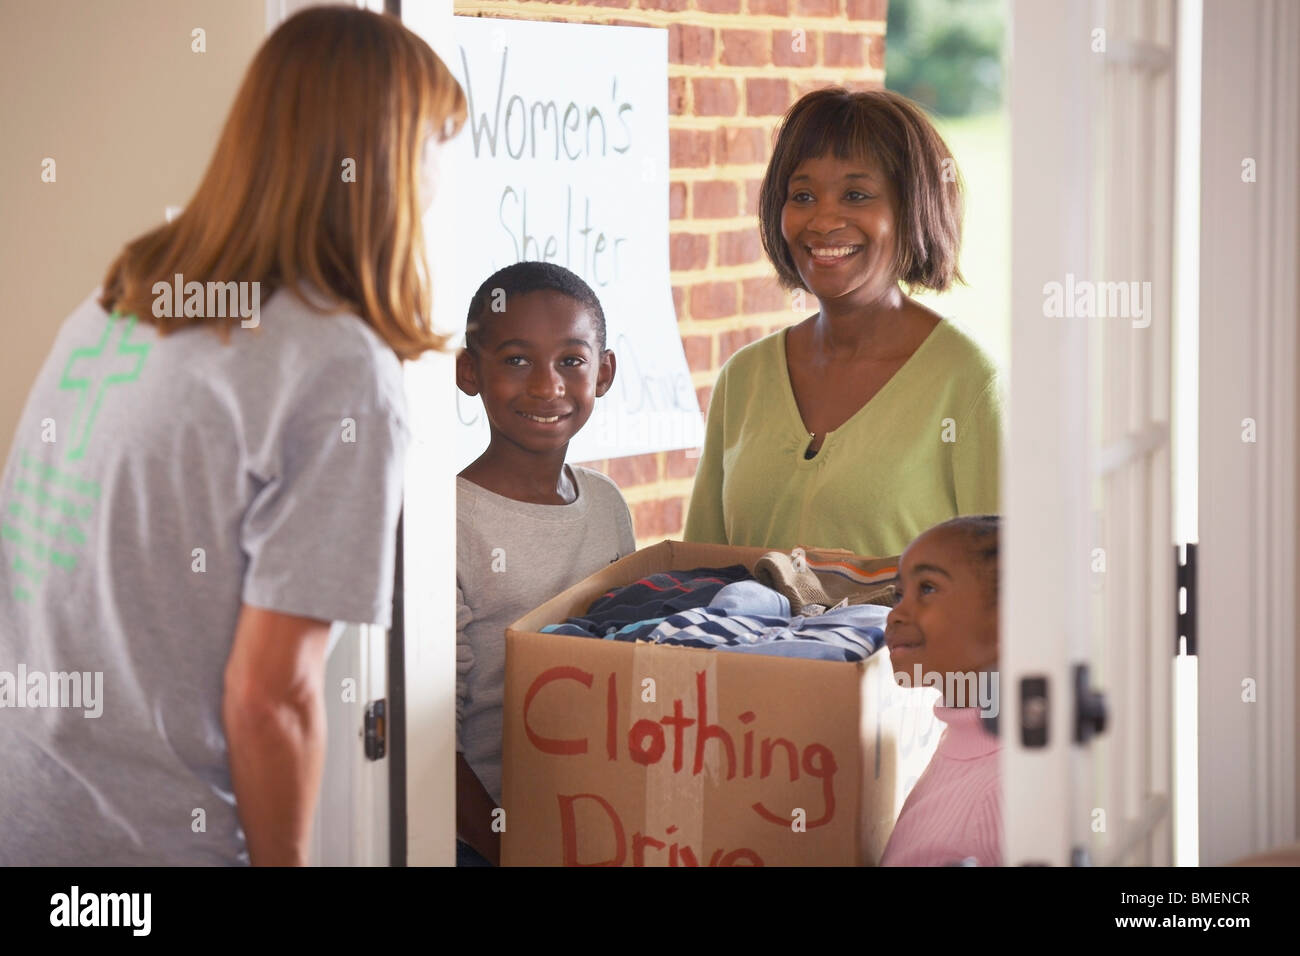 Sammeln von Kleidung für eine Kleidersammlung Stockbild